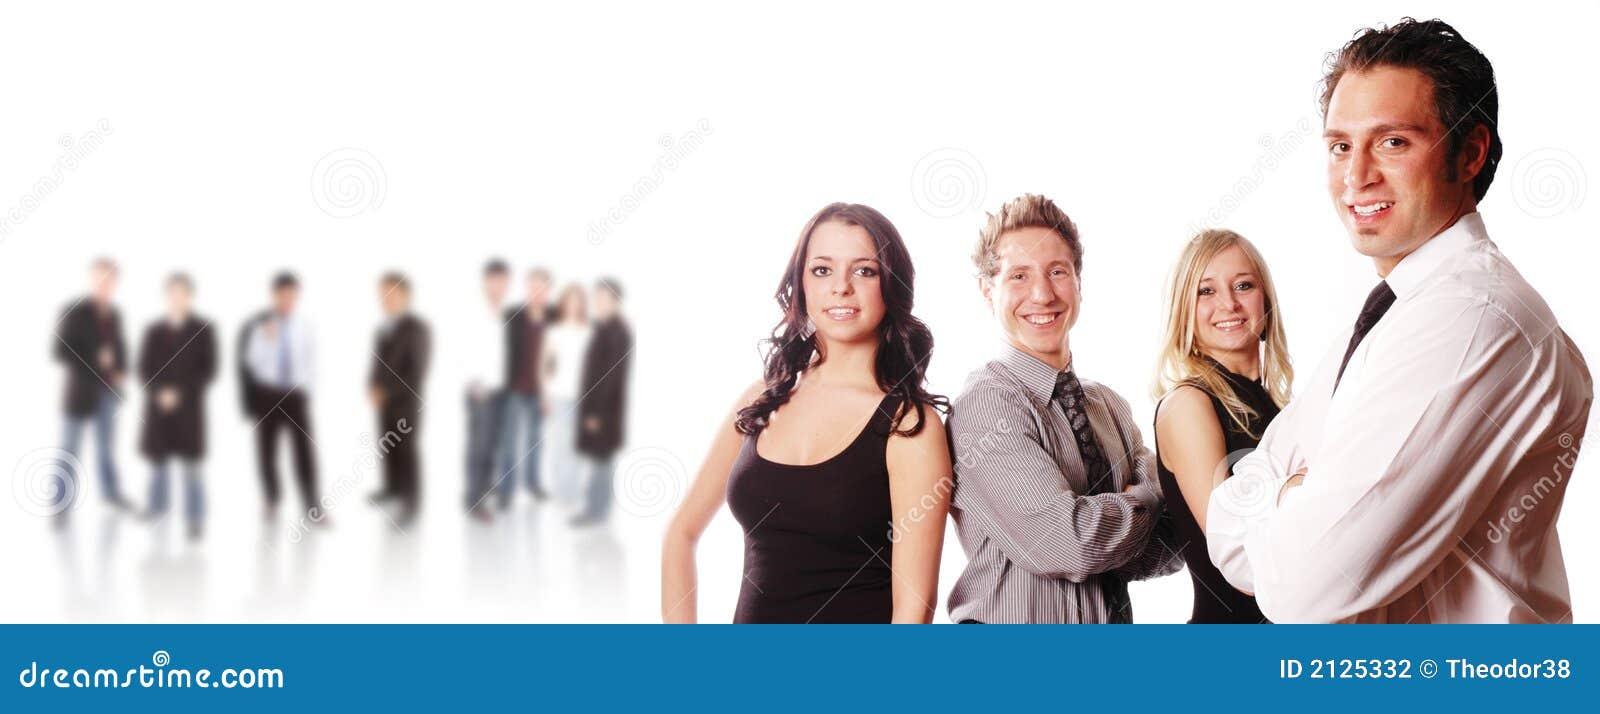 A business team